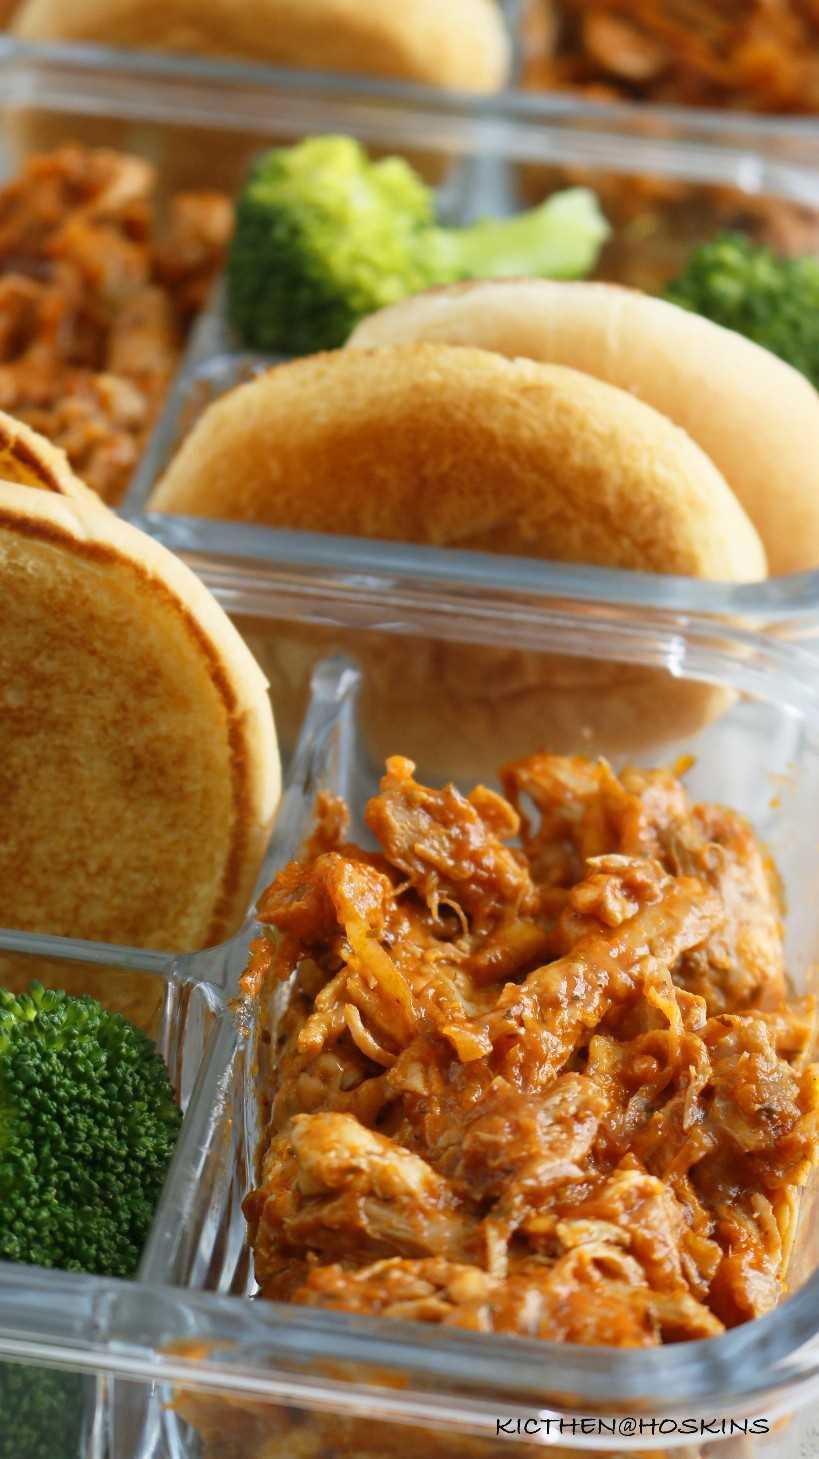 preparación de comida de sándwich de parmesano de pollo olla instantánea